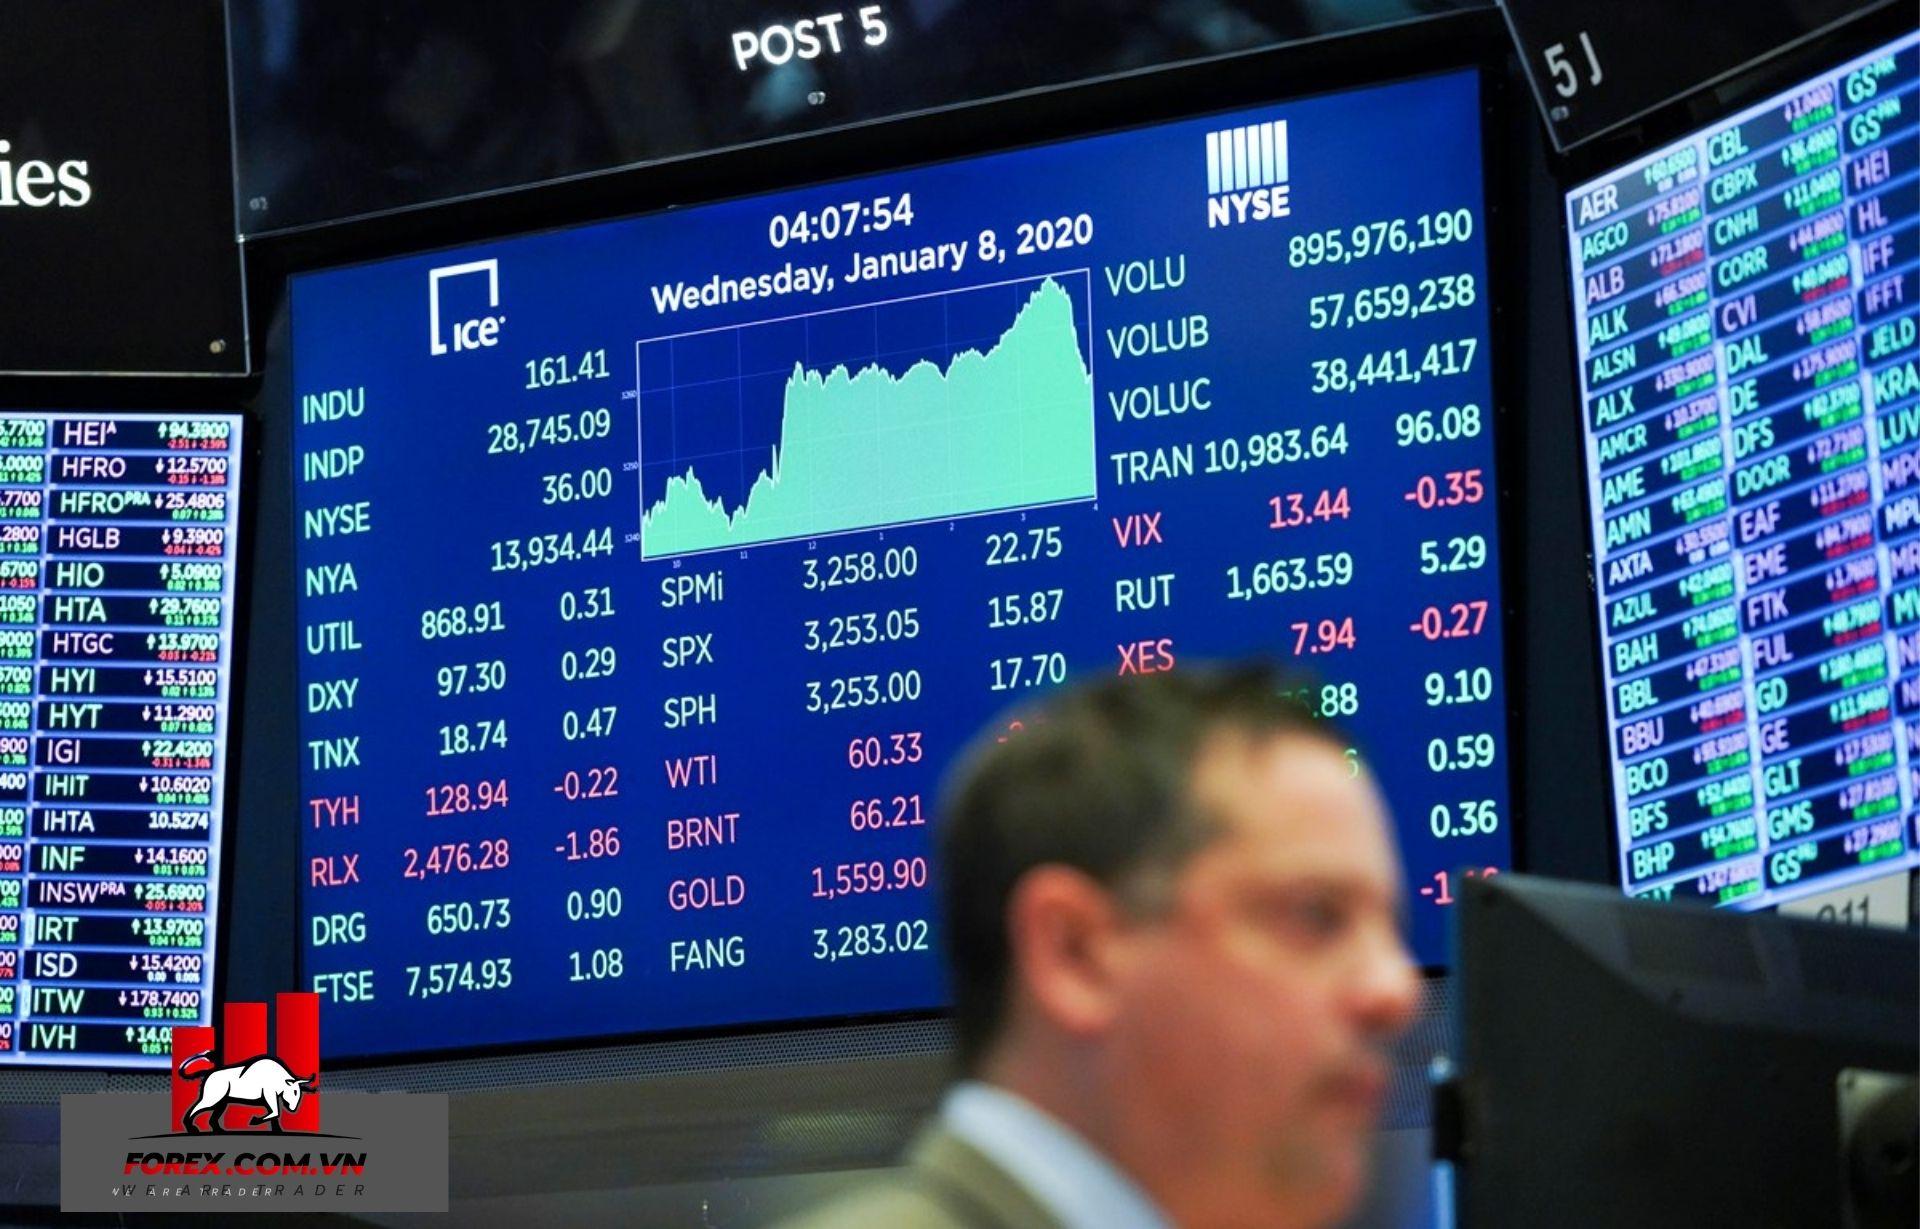 Đầu tư chứng khoán Mỹ tại sàn giao dịch Forex, bạn đã thử chưa?